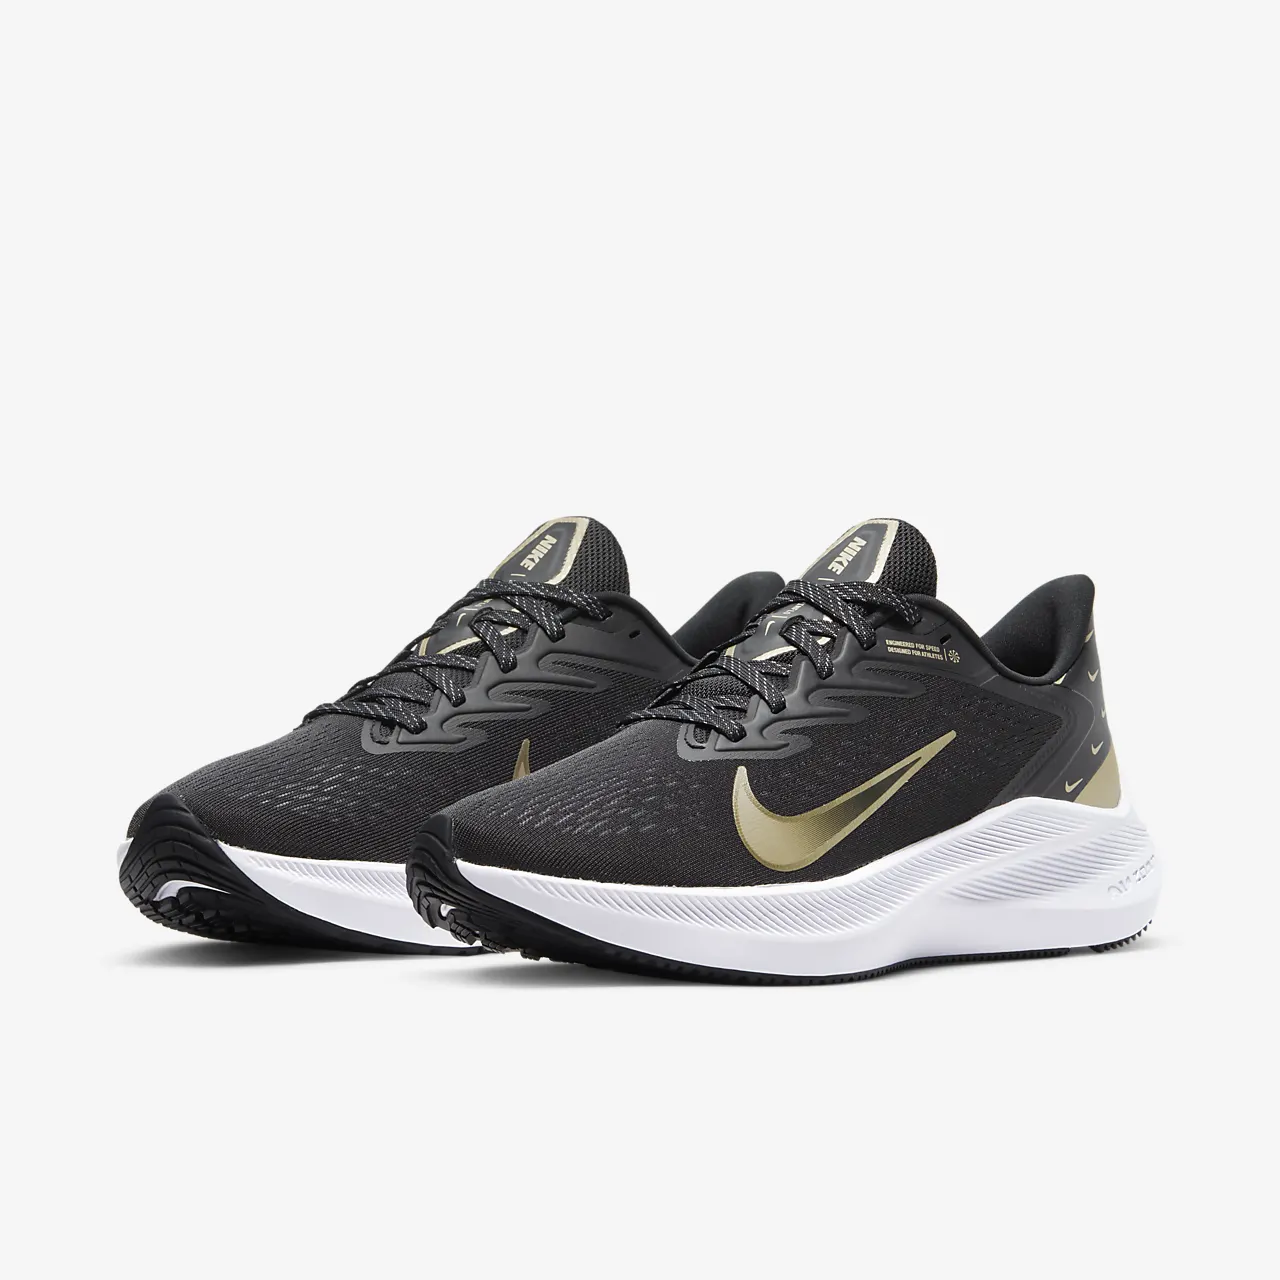 유럽직배송 나이키 NIKE Nike Zoom Winflo 7 Premium Women's Running Shoe CV0140-001